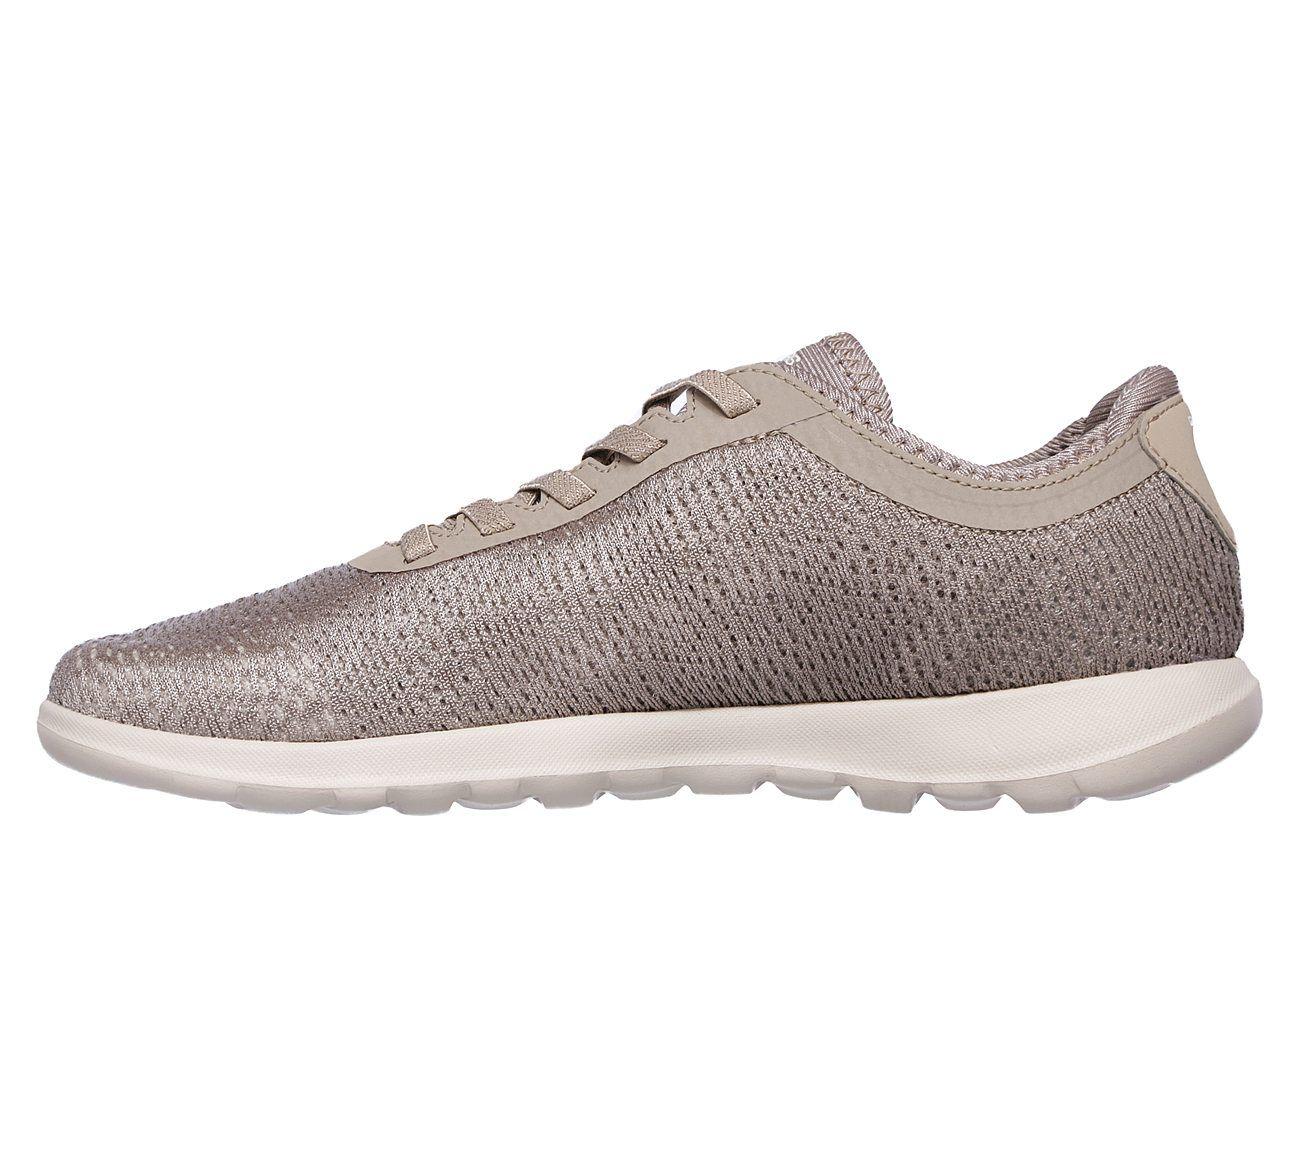 Gowalk Lite Savvy Lace Sneakers Skechers Skechers